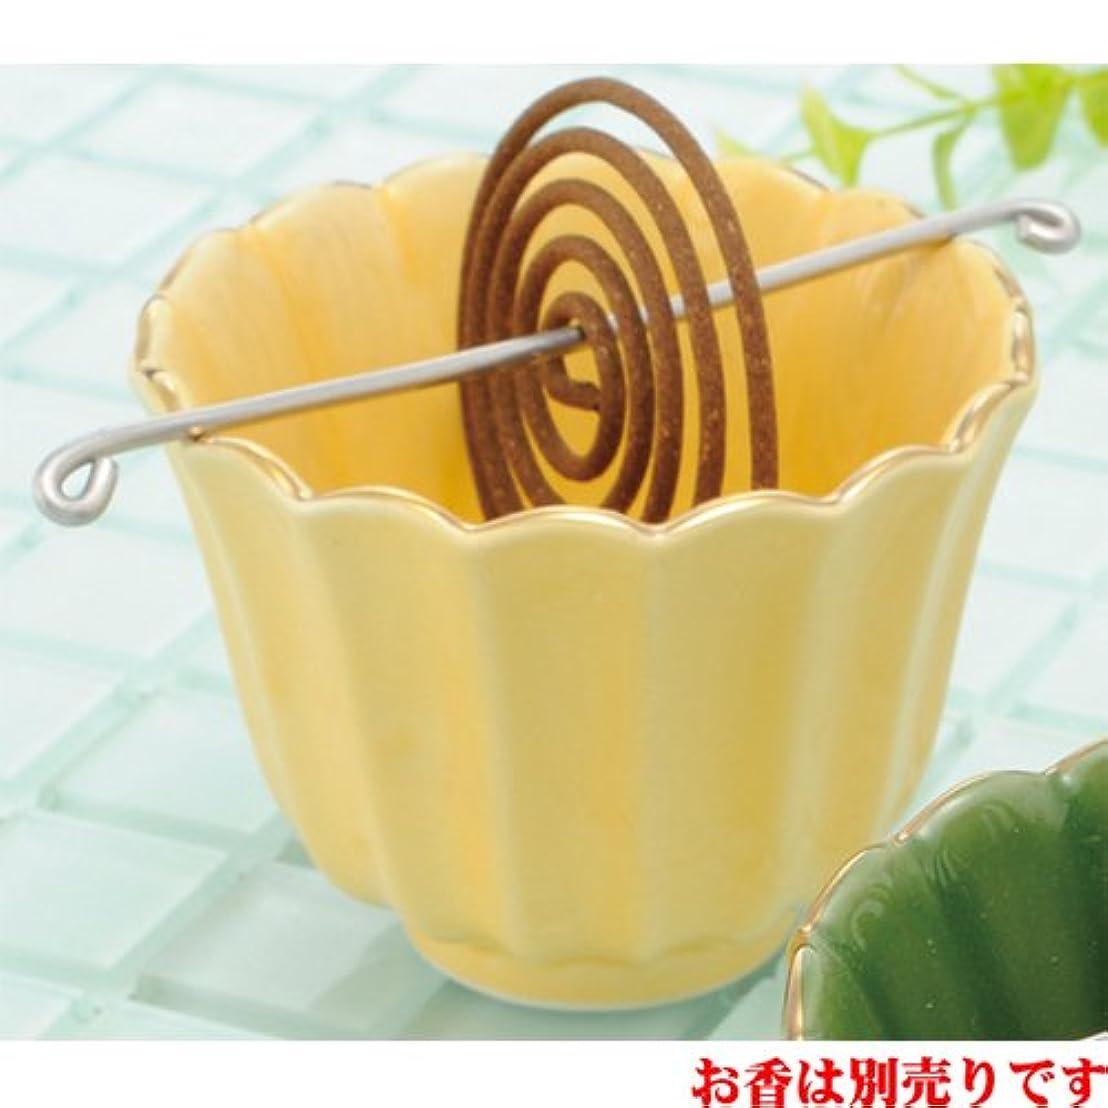 嫌いグローブ幅香皿 菊型 香鉢(黄) [R8xH6.3cm] プレゼント ギフト 和食器 かわいい インテリア